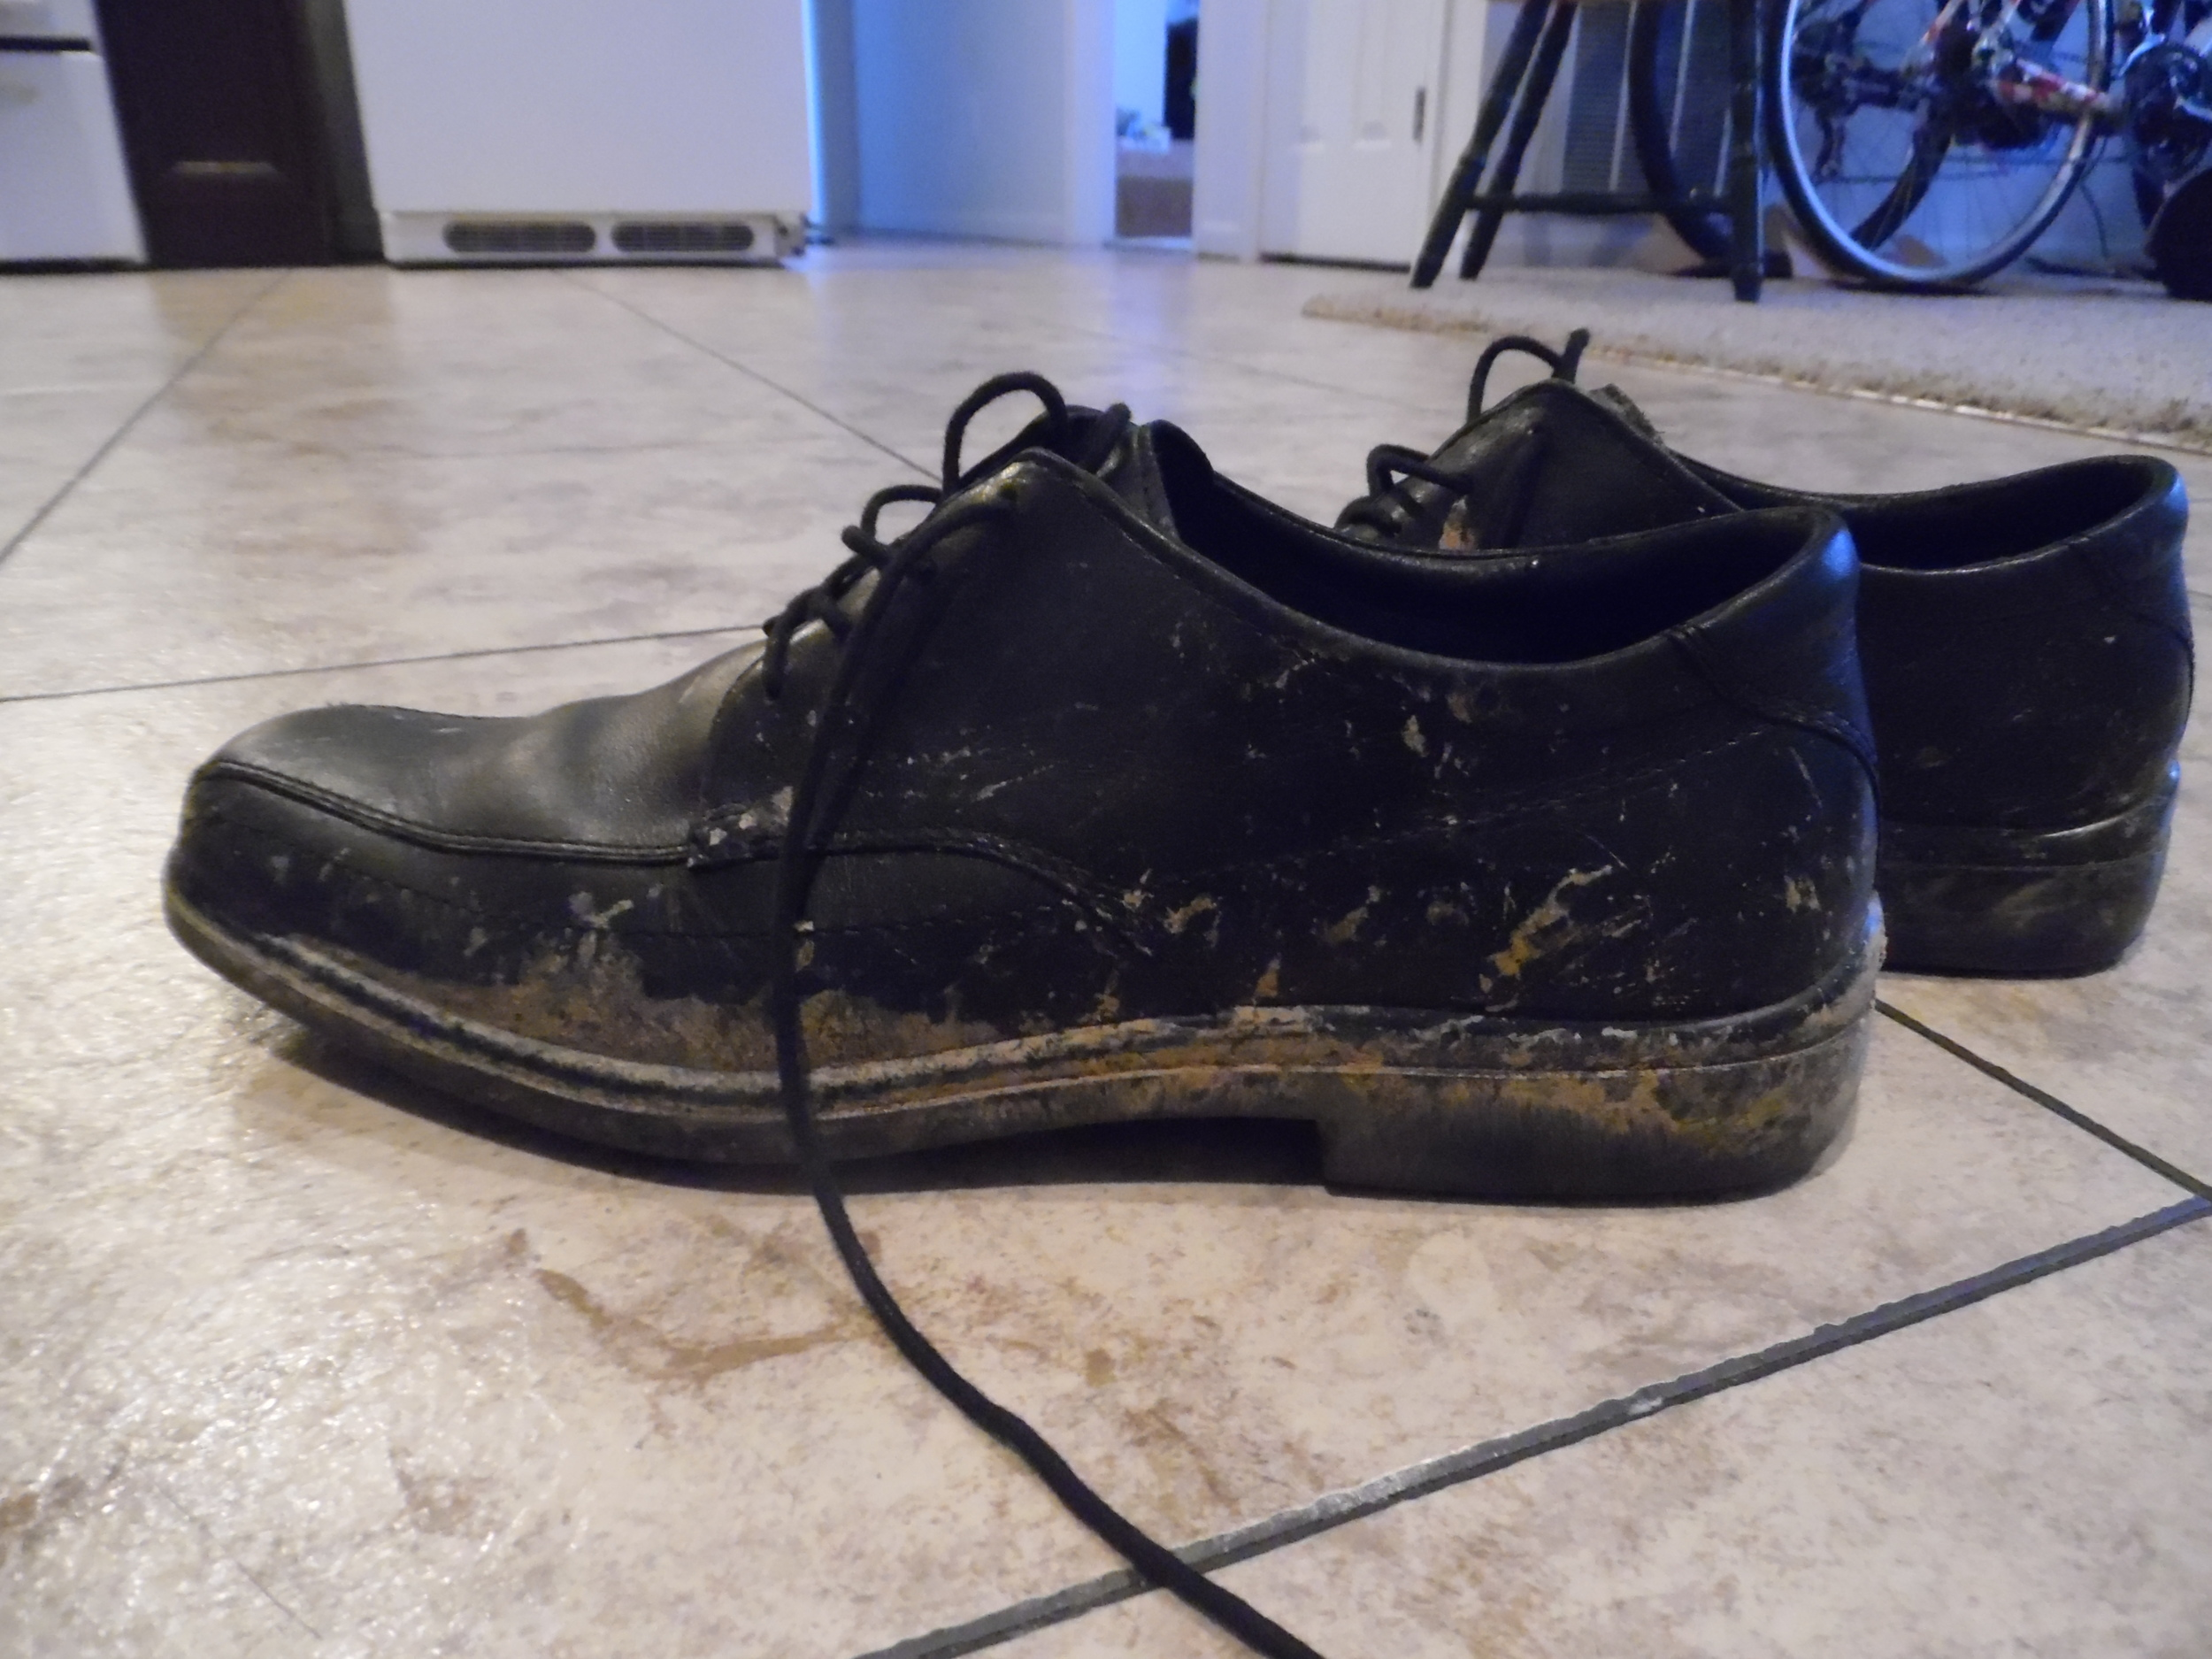 Elder Matthew Blanding's shoes